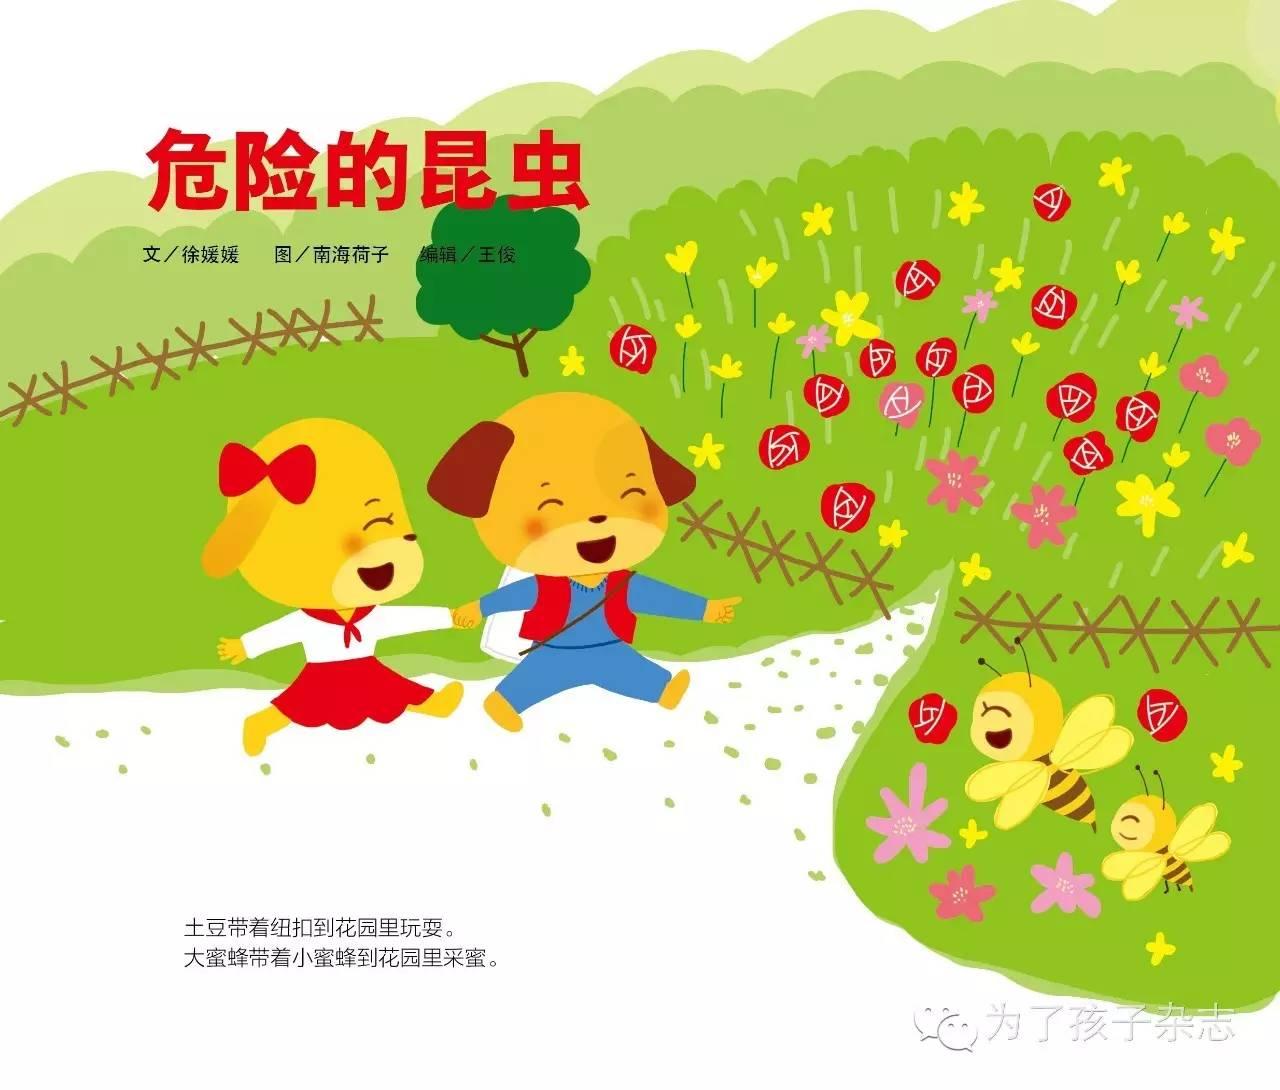 大蜜蜂带着小蜜蜂到花园里采蜜.图片